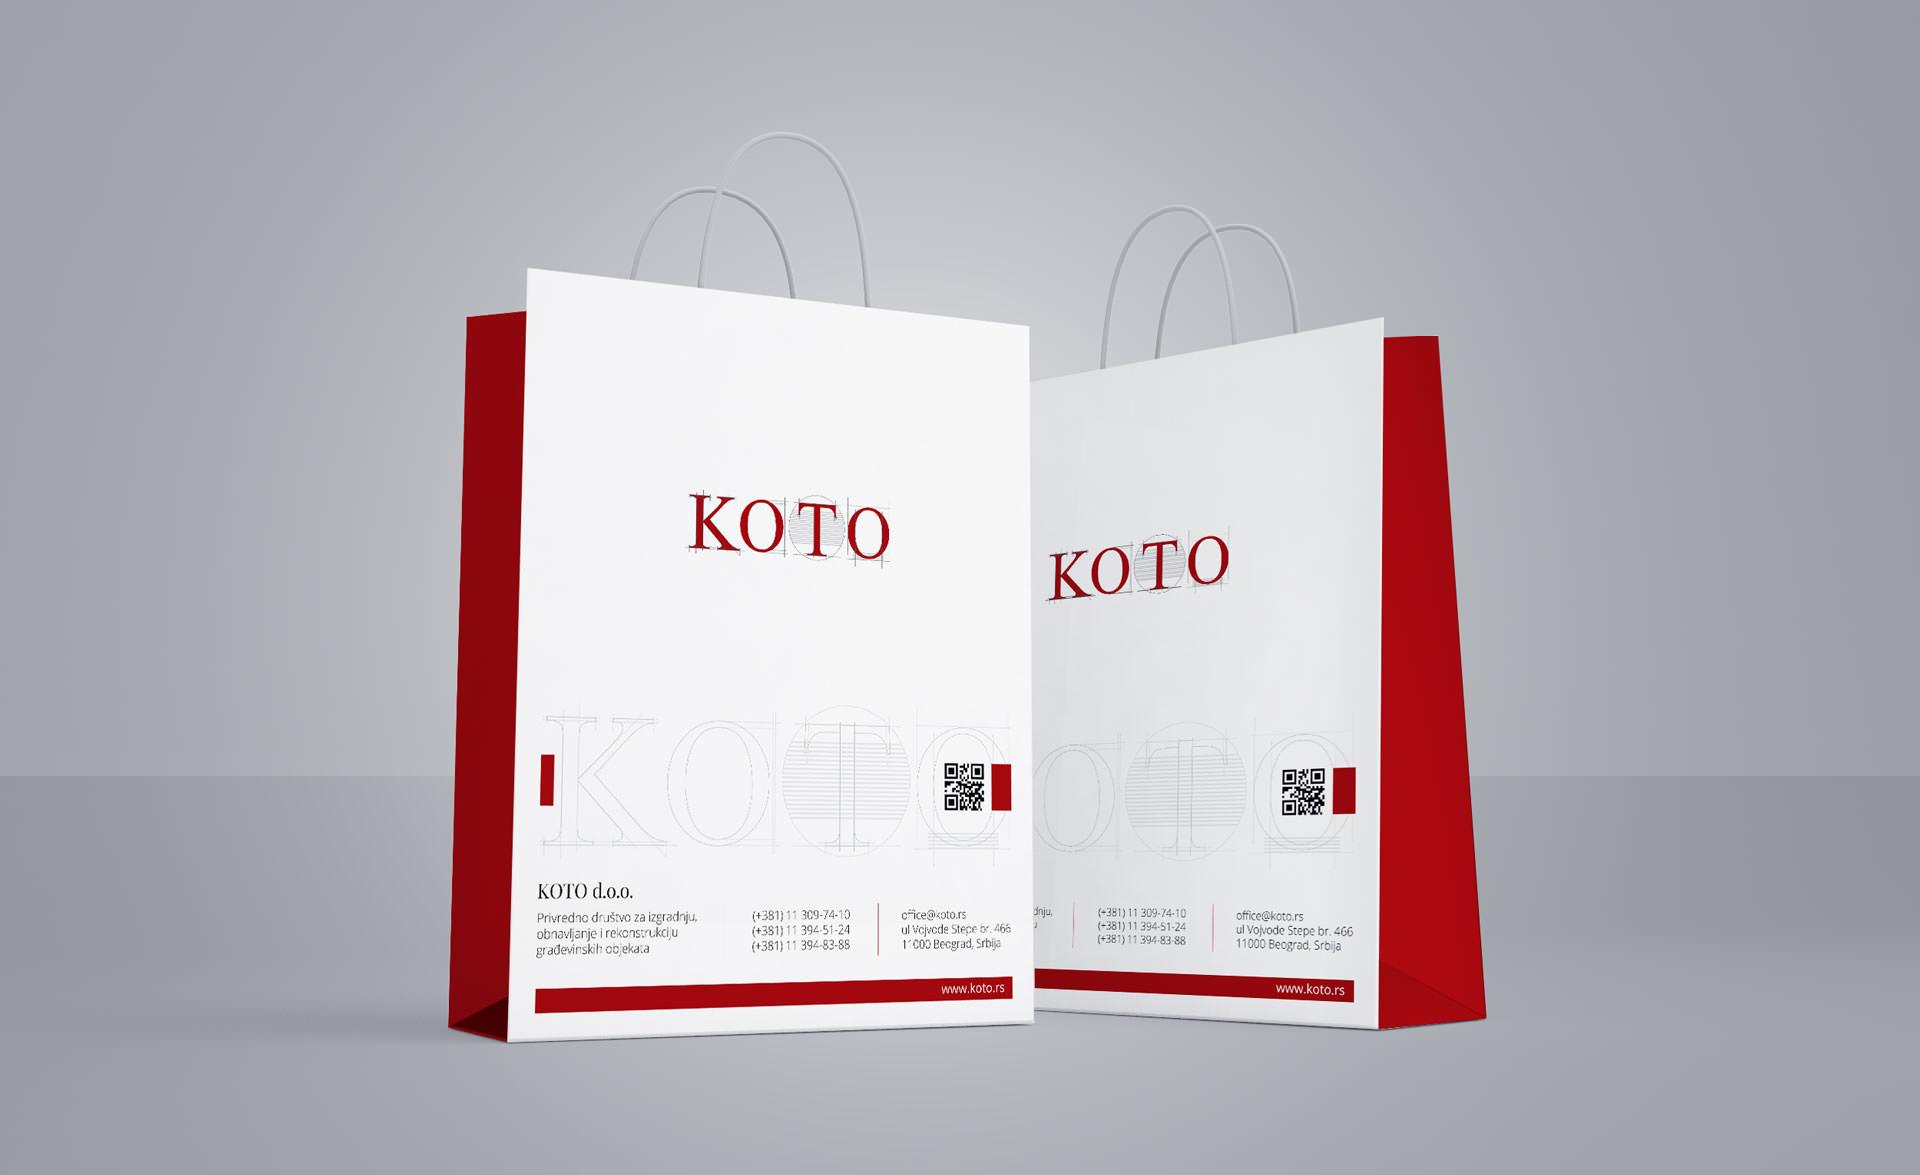 Dizajn kese za građevinsku firmu KOTO